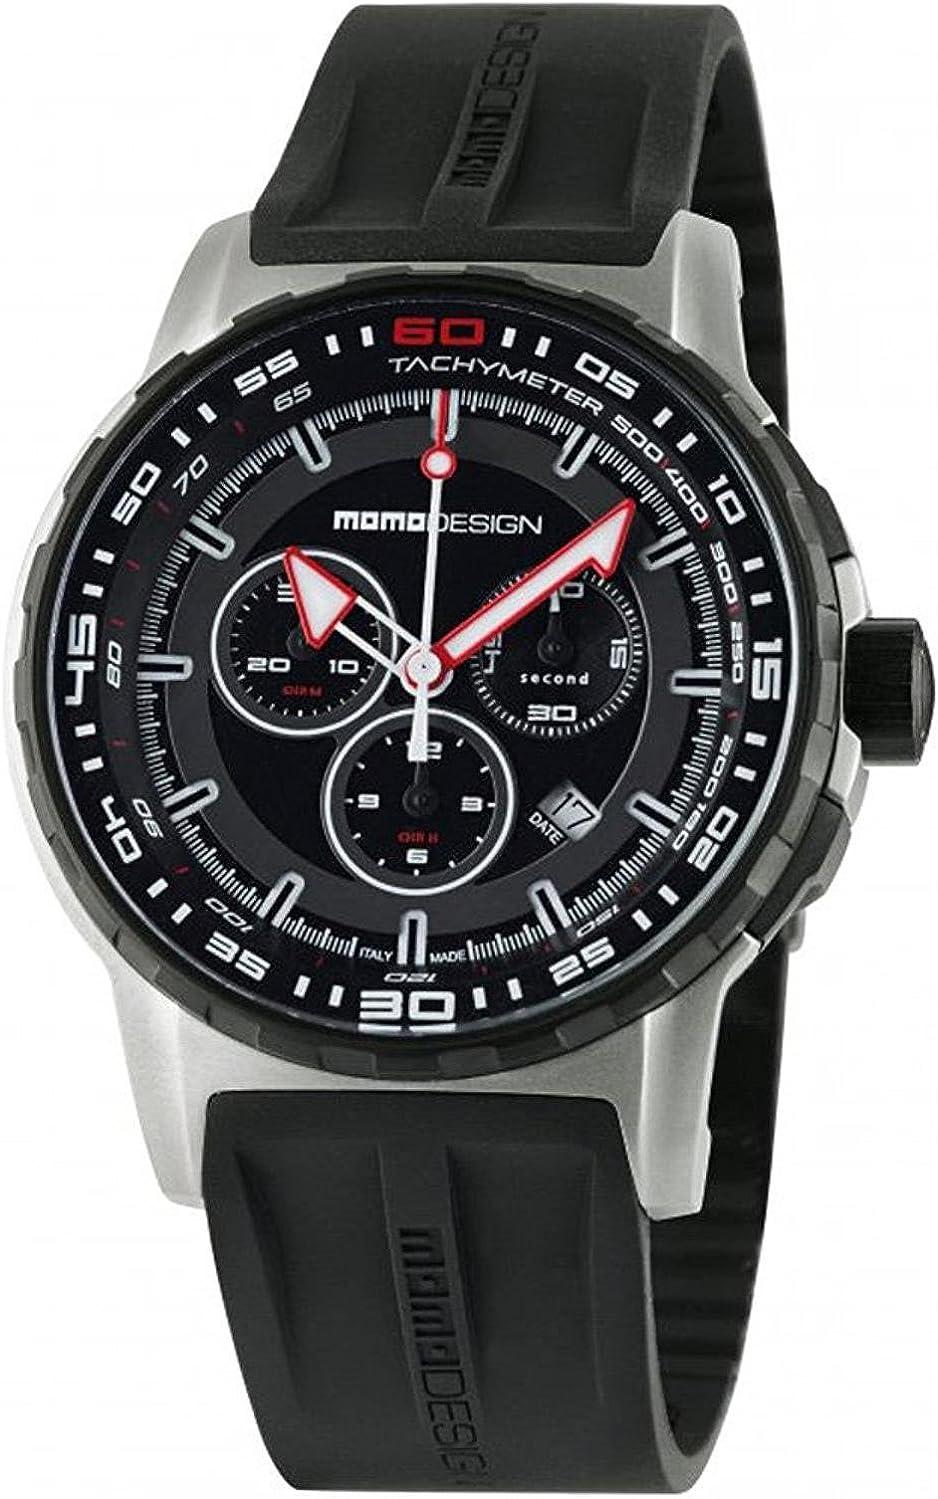 Pilot Pro Crono Cuarzo relojes hombre MD2164SS-11